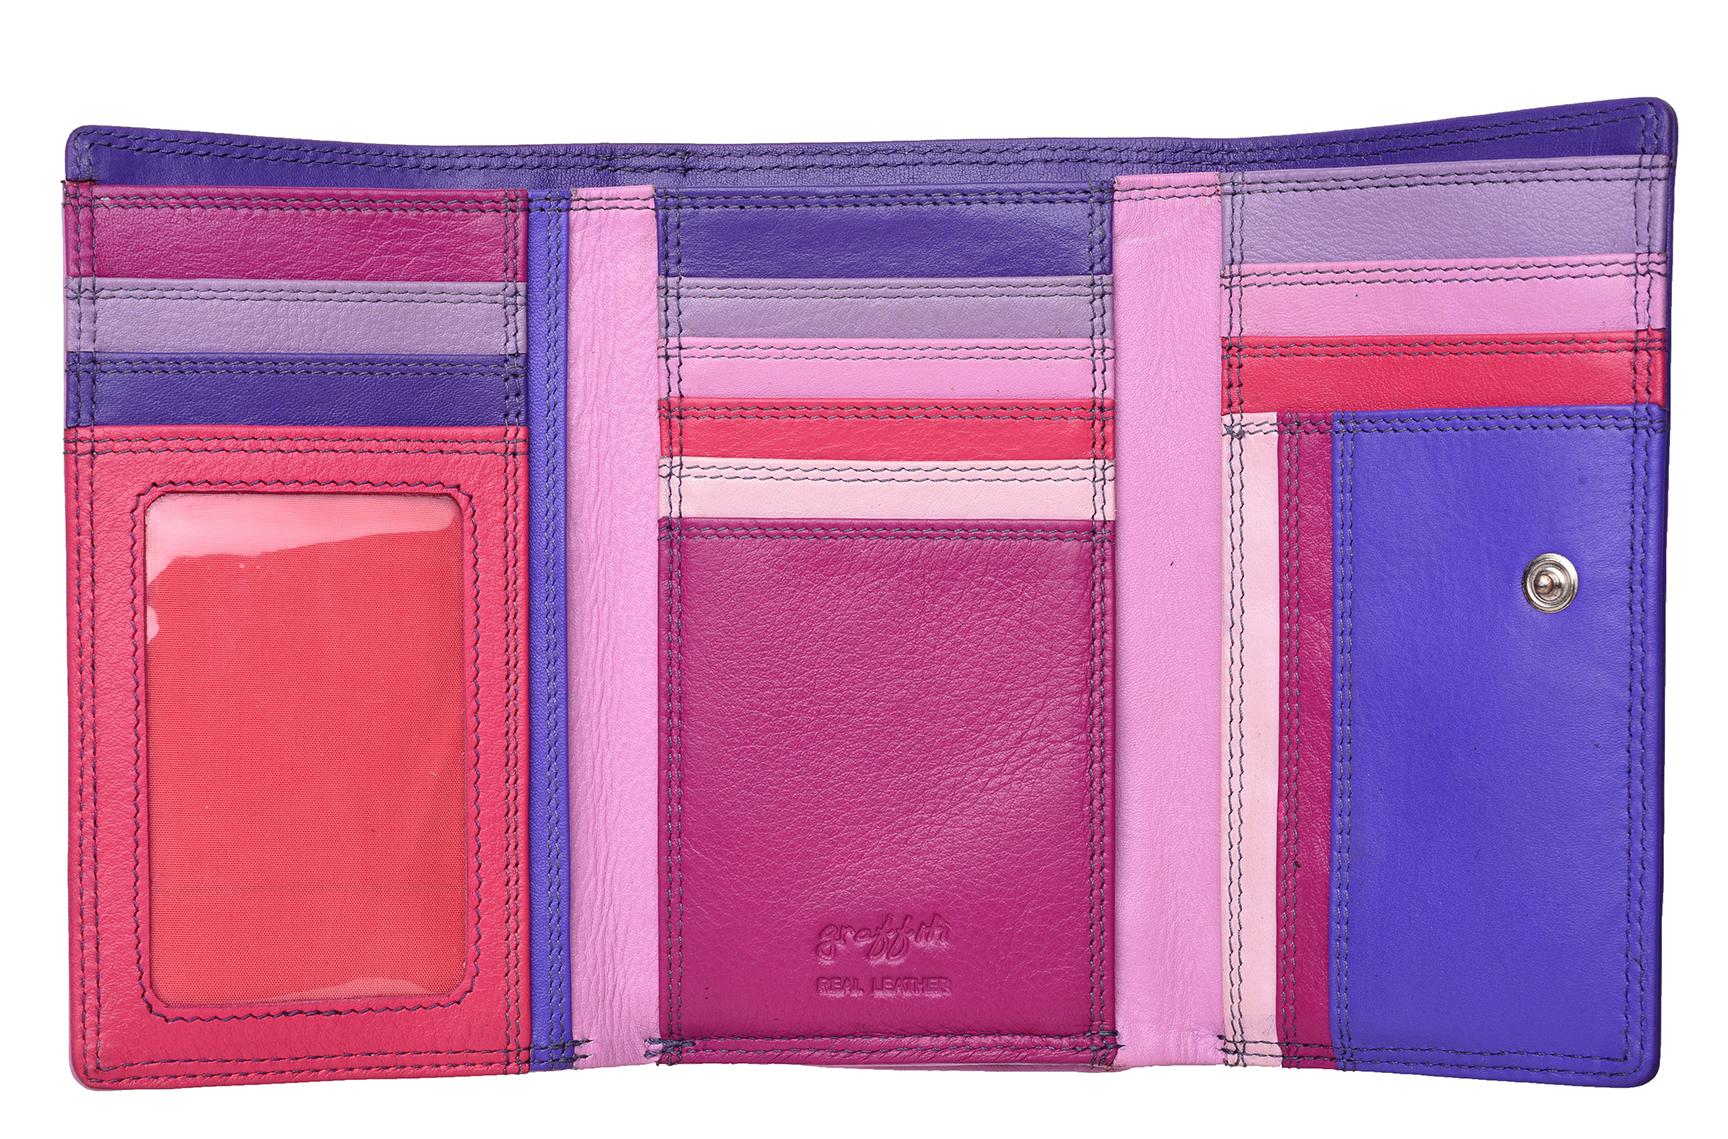 Mesdames-RFID-Bloquant-Super-Doux-Cuir-Veritable-Sac-a-Main-Portefeuille-Noir-Rose-Violet miniature 24